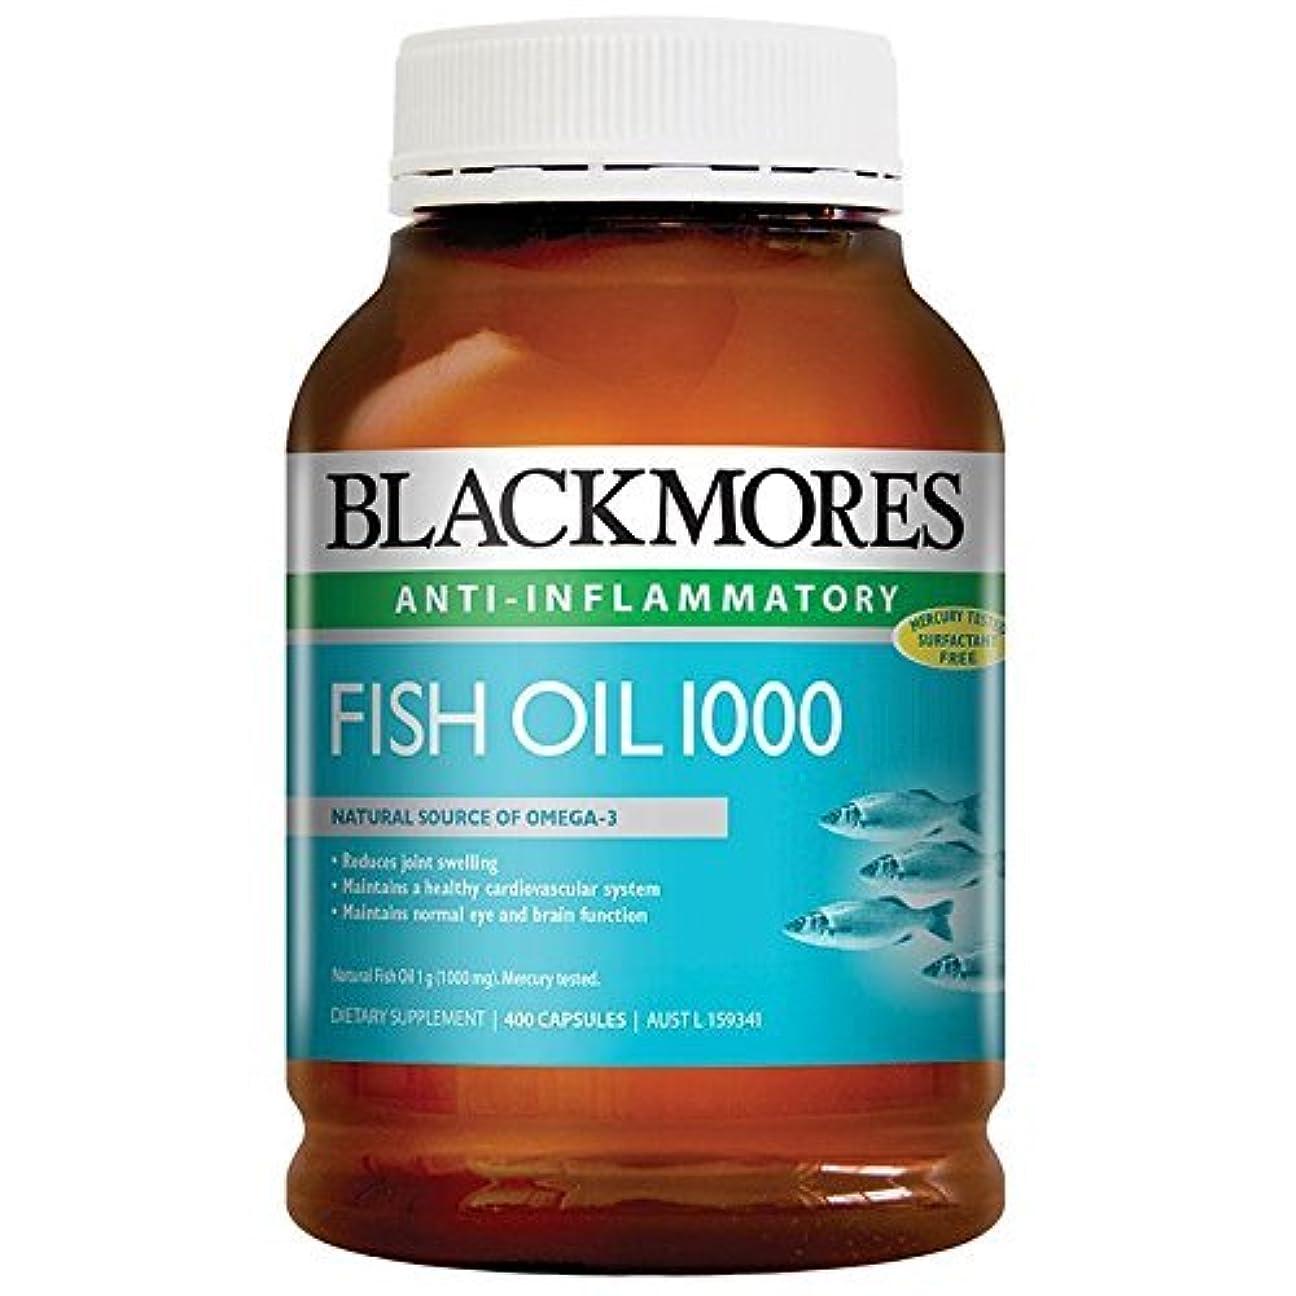 物足りない縫い目うぬぼれBlackmores Fish Oil 400 Caps 1000 Omega3 Dha, EPA Fatty Acids with 1pcs Chinese Knot Gift by Blackmores LTD